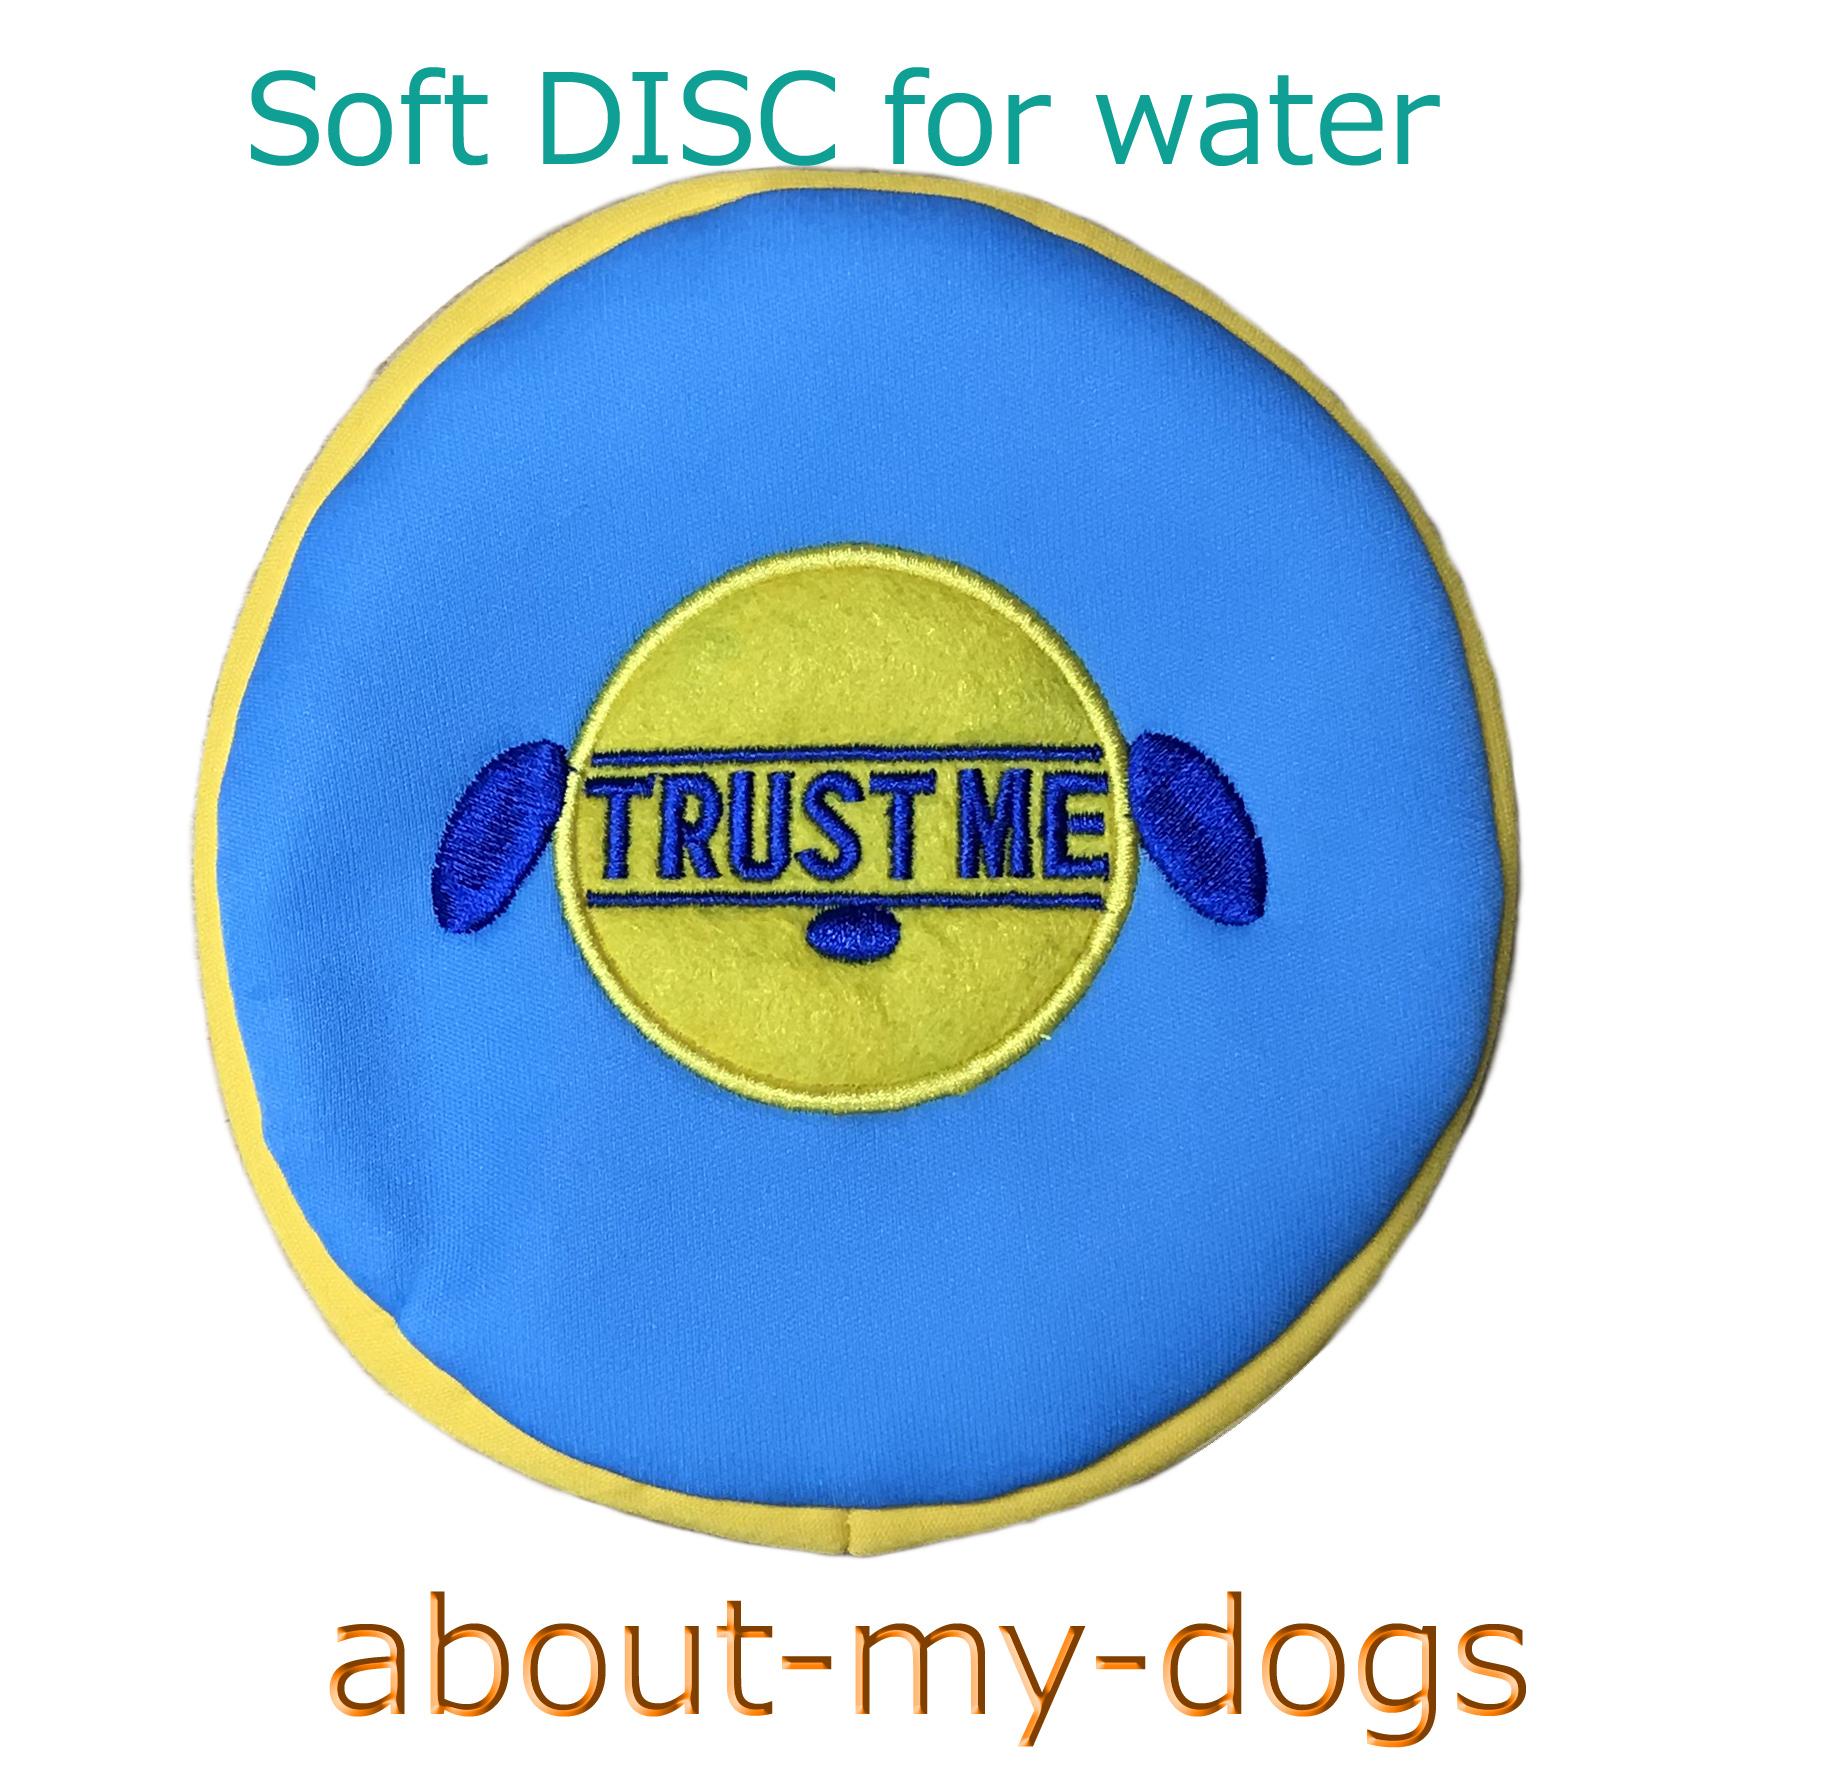 ウエット素材の柔らかディスク(水に強い浮くディスク)